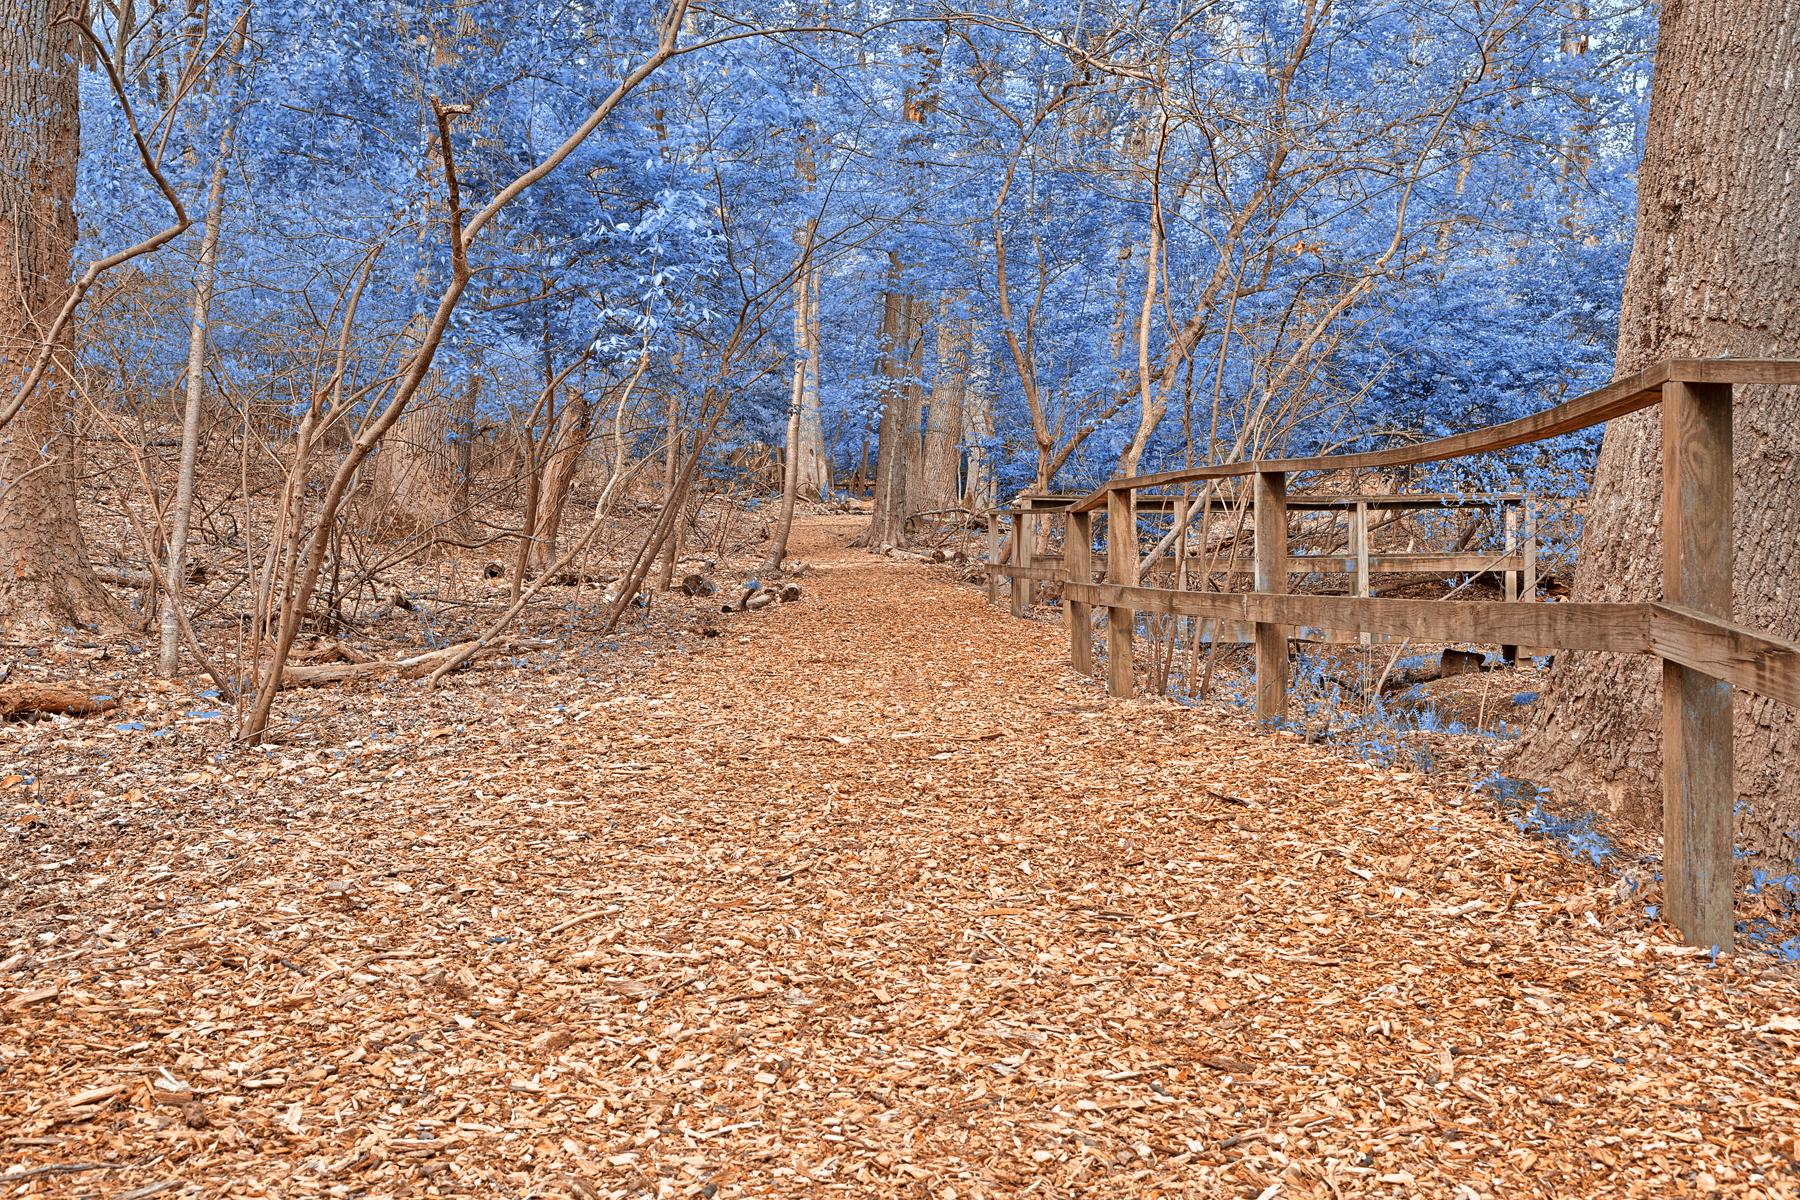 Sapphire Sanctuary Trail - HDR, Sapphire, Spectacular, Somadjinn, Shadows, HQ Photo